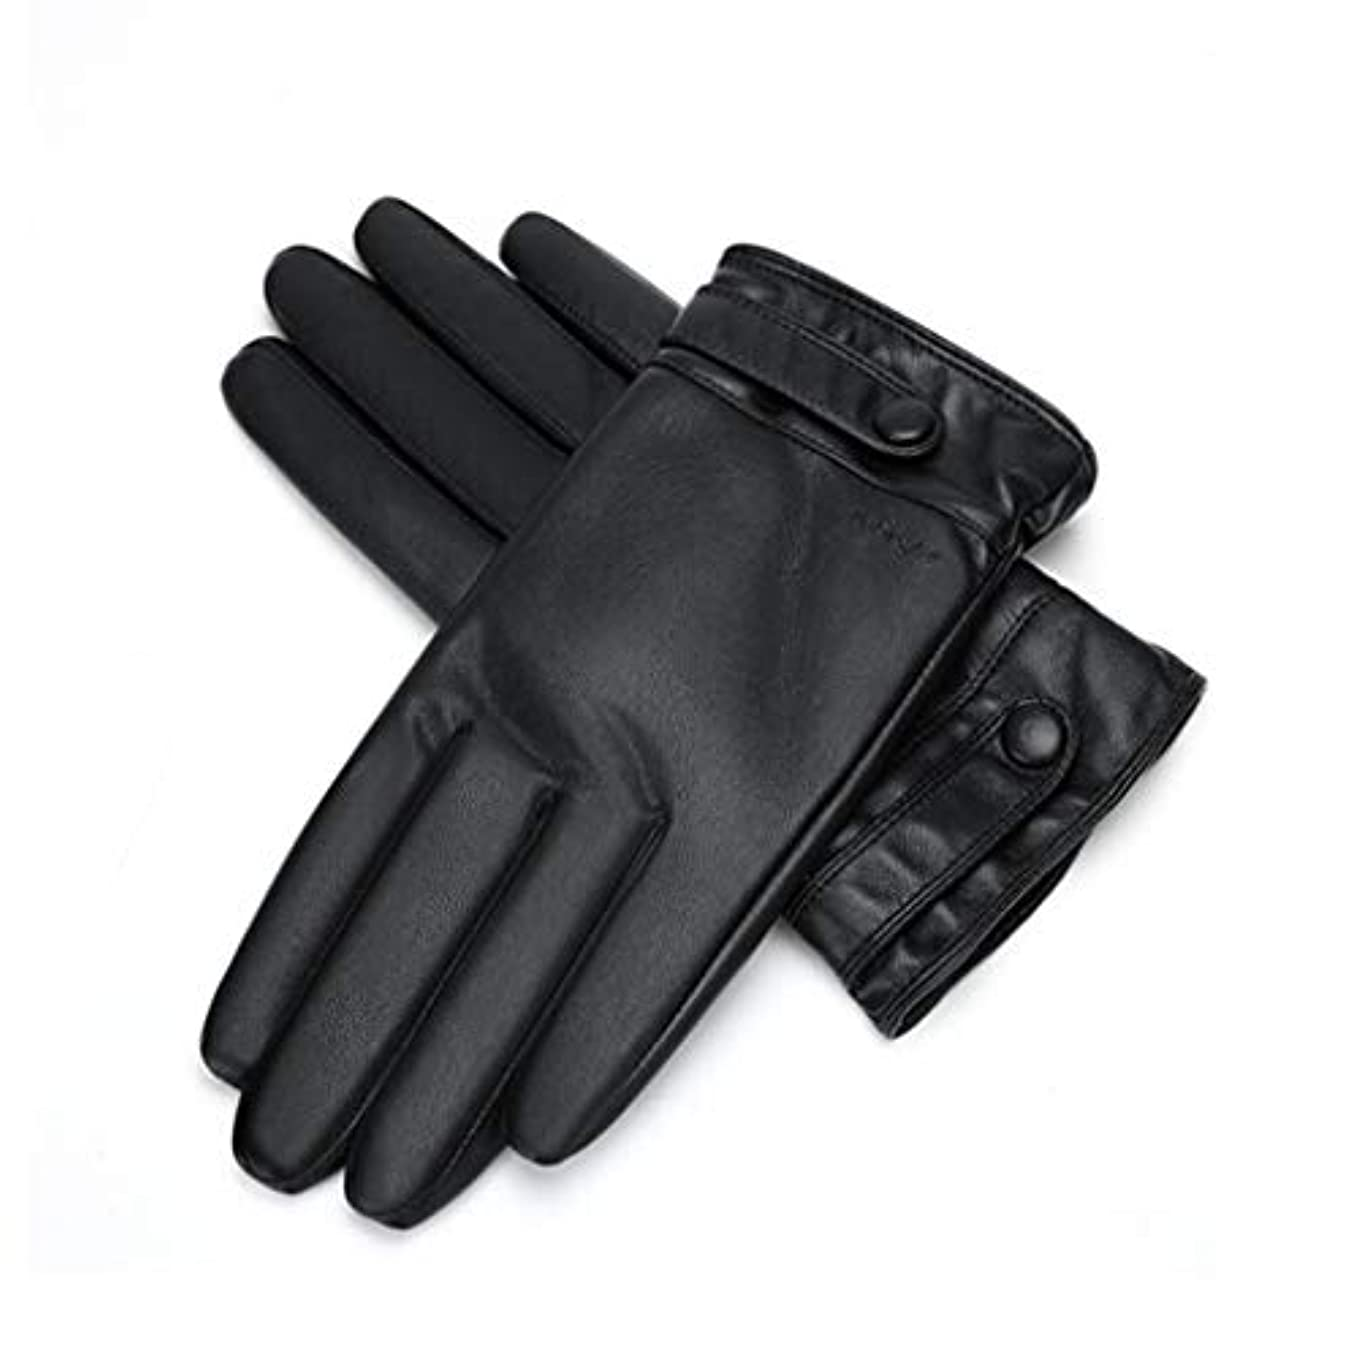 運搬離れて障害者暖かい秋と冬を保つためにメンズ革手袋のタッチスクリーンメンズ自転車厚いぬいぐるみ手袋 (サイズ さいず : L21*8.9cm)